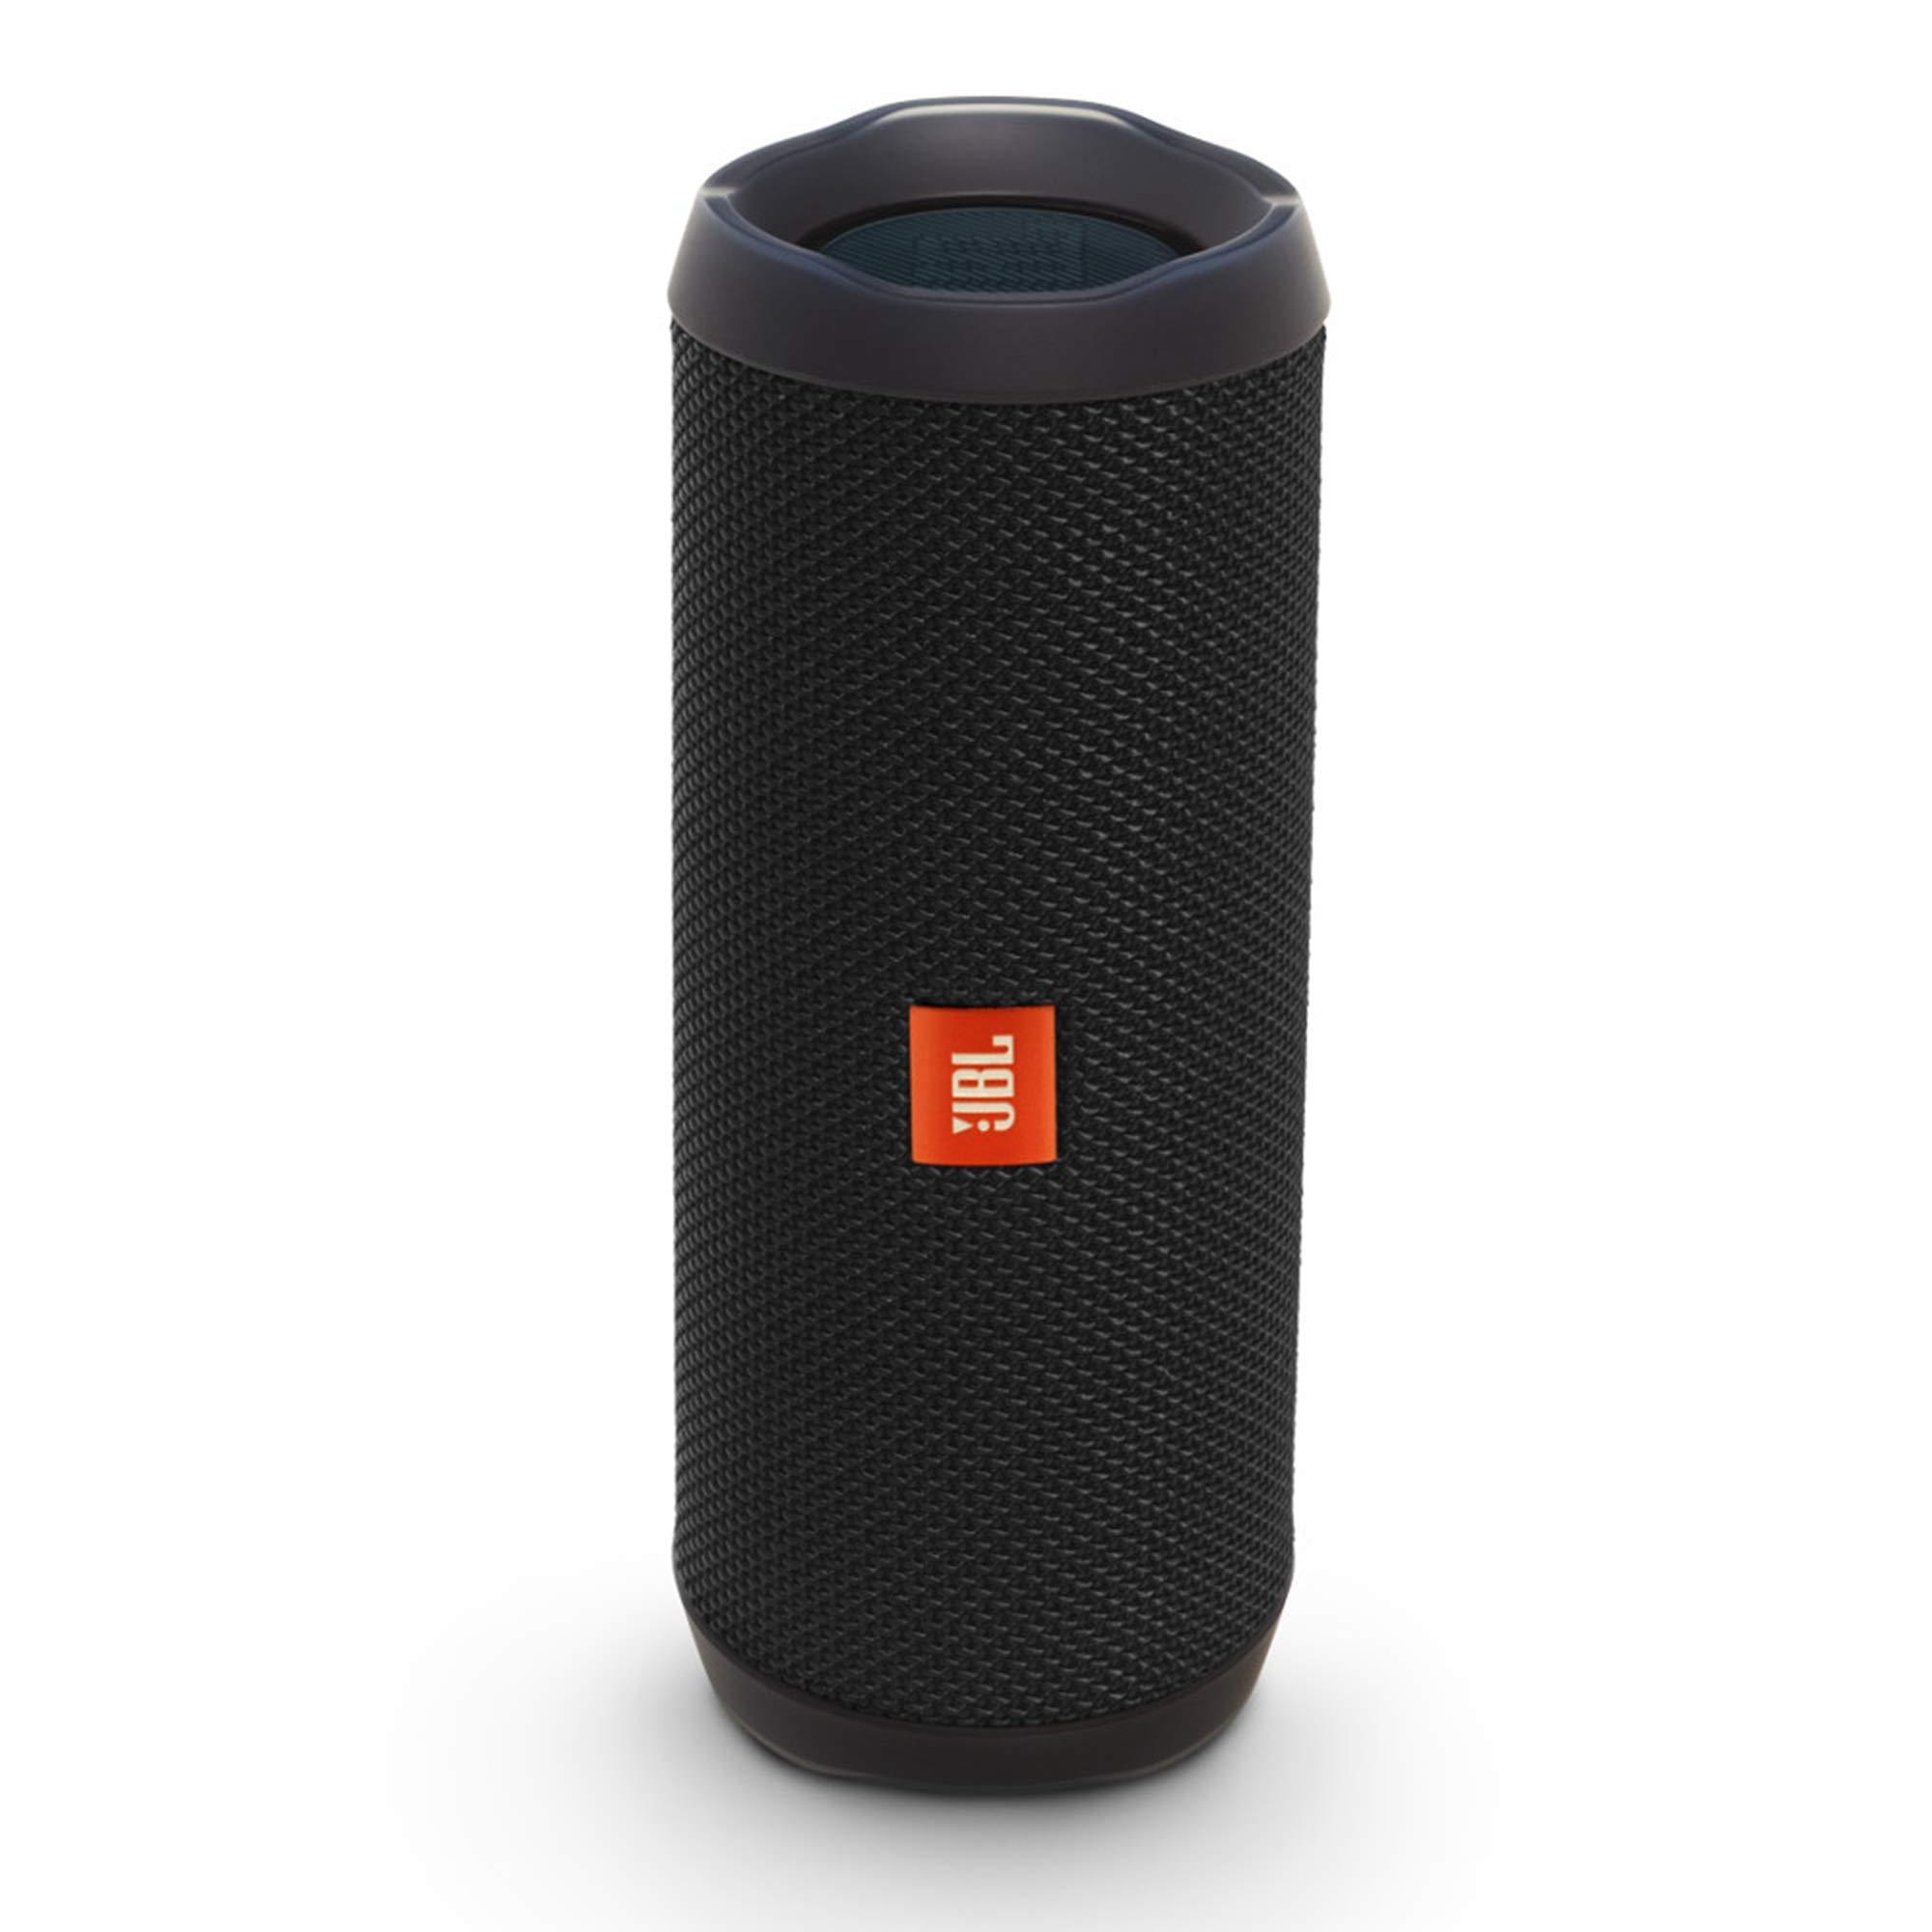 jbl-flip-4-waterproof-portable-bluetooth-speaker-black